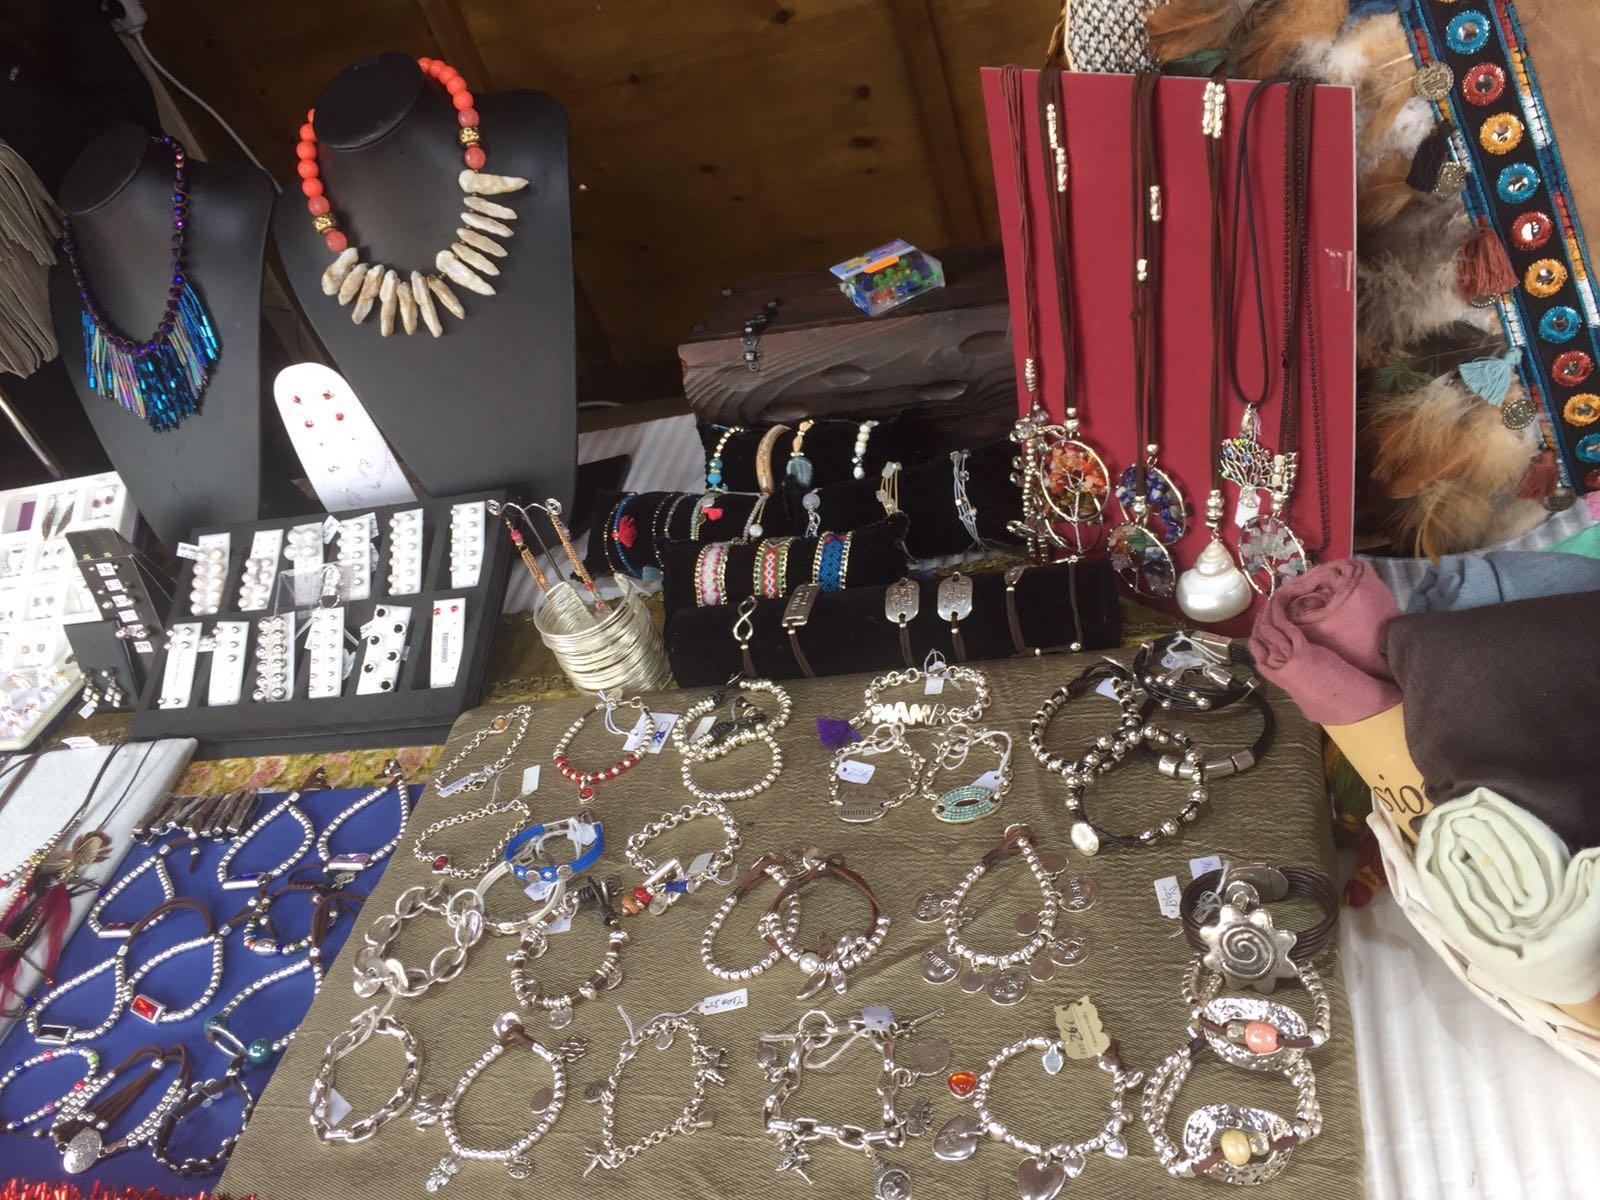 b4f05f9e71b9 Conoce el Mercado de artesanía de la plaza de los Santos Niños ...